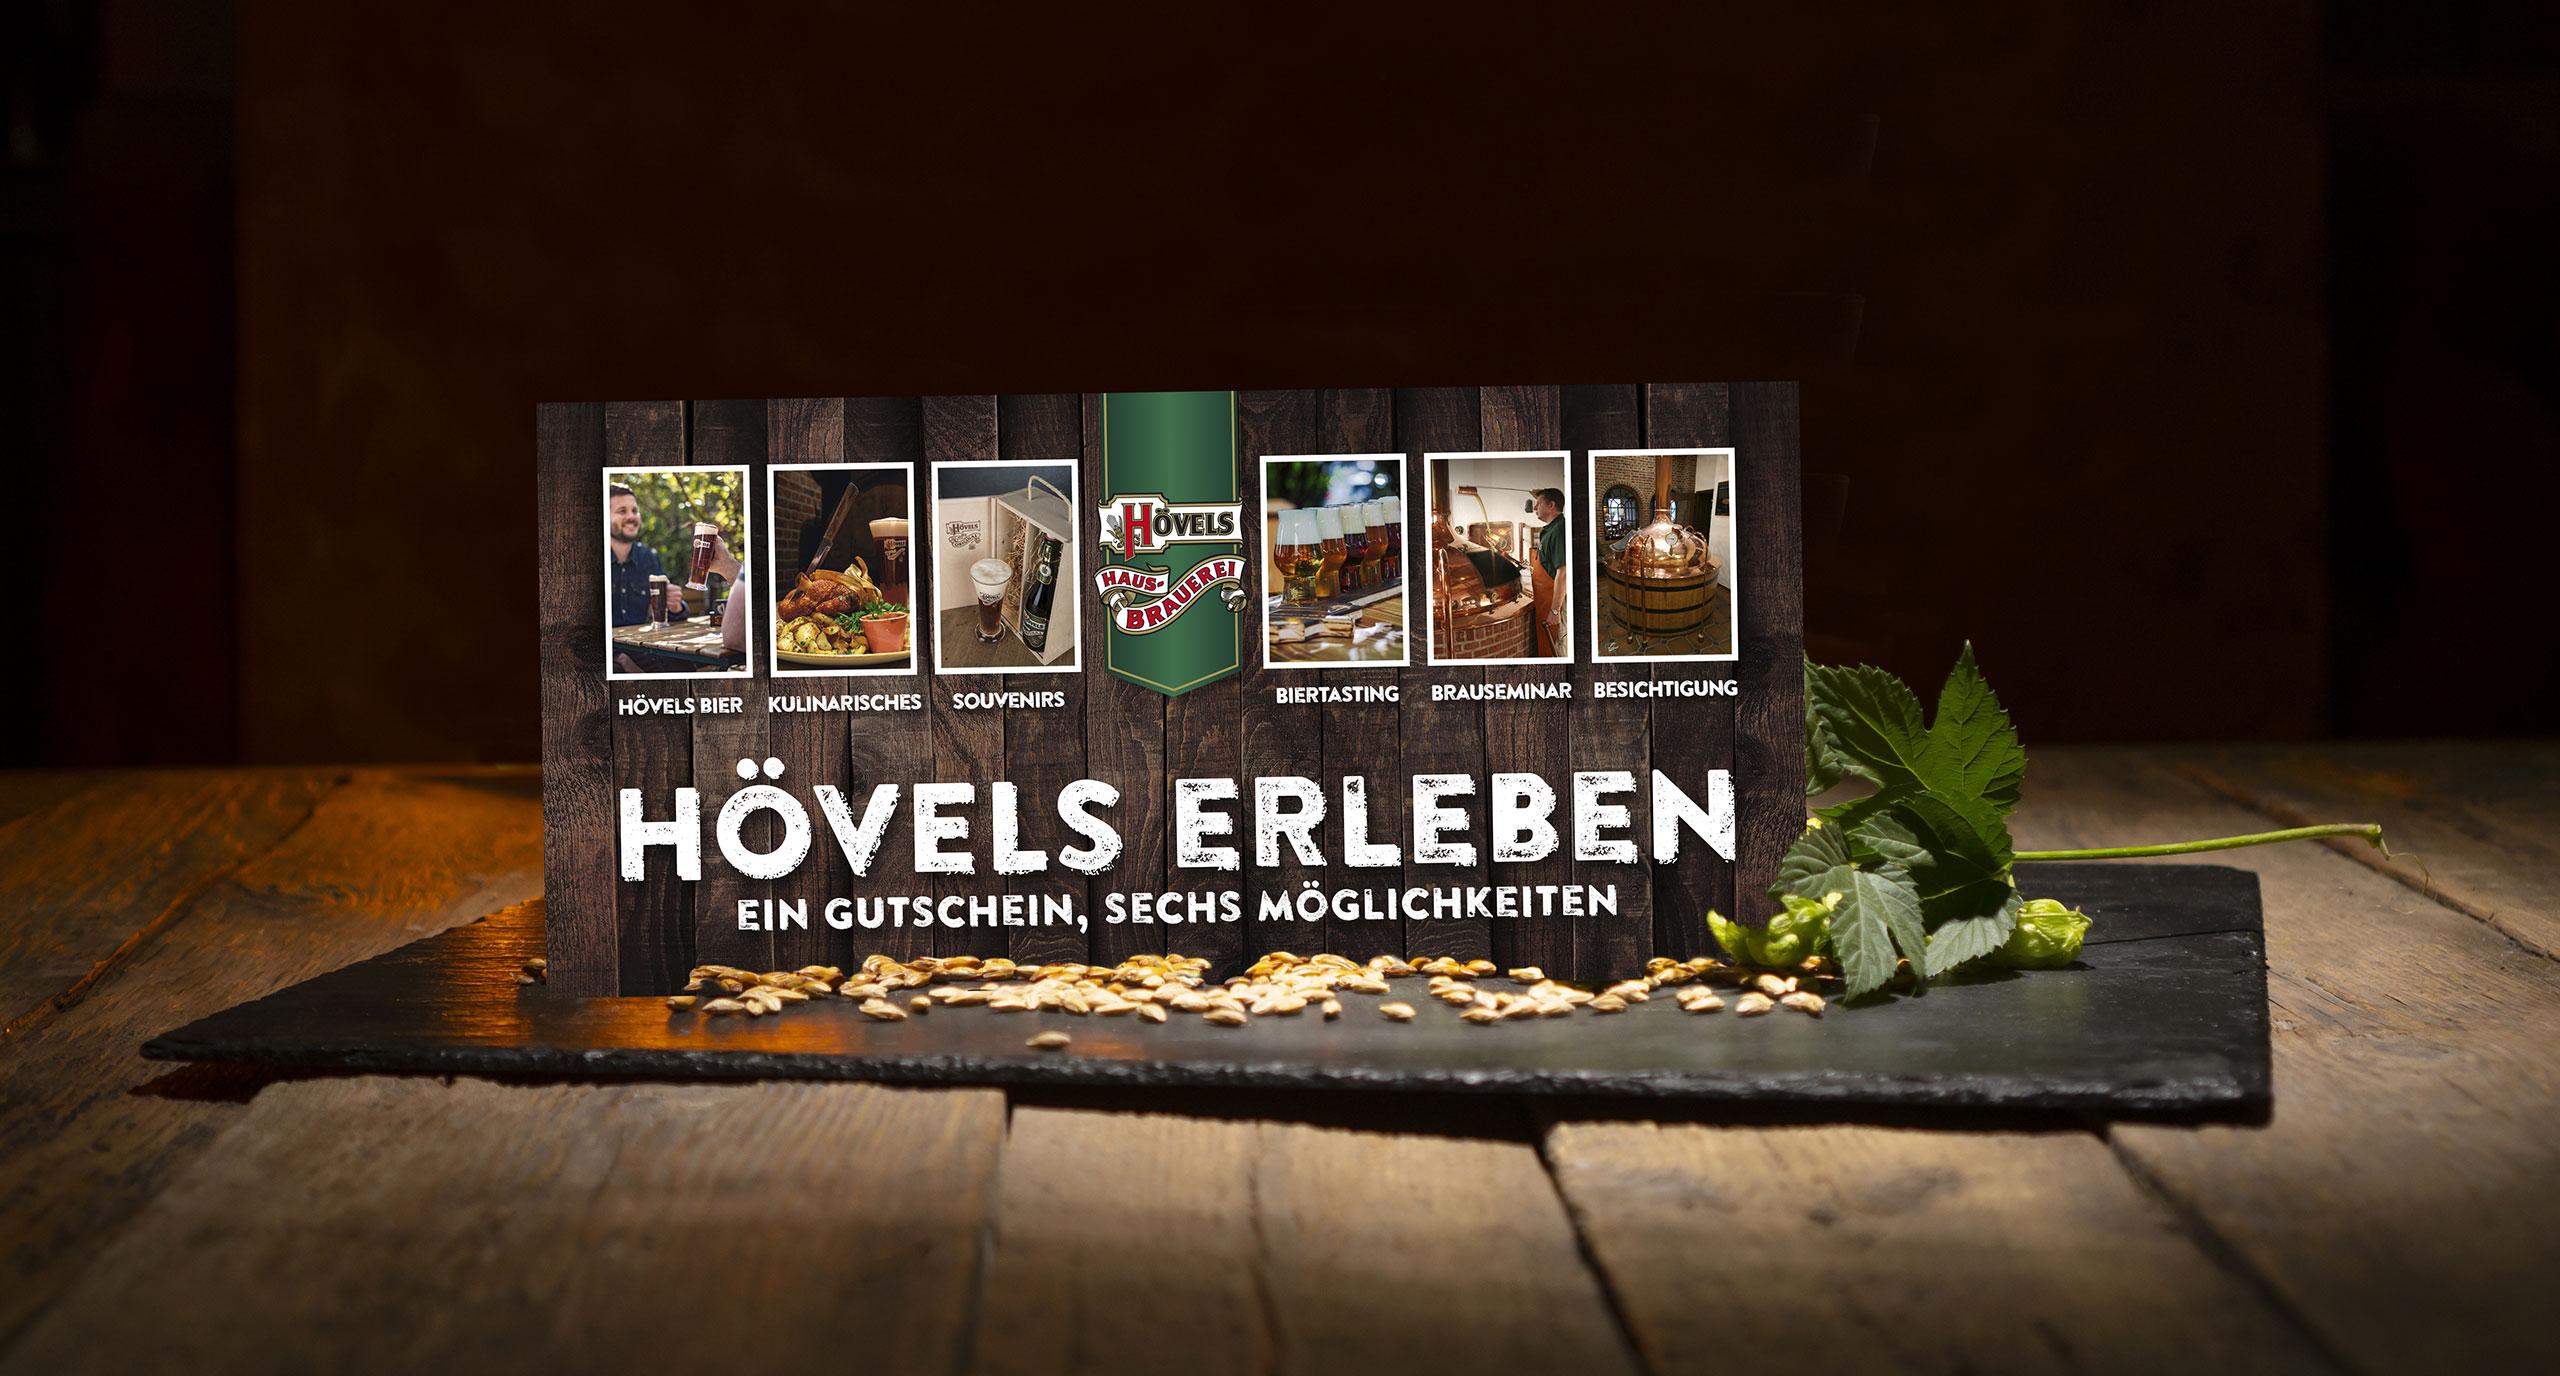 Gutscheine kaufen: Hövels erleben (Hausbrauerei Dortmund)